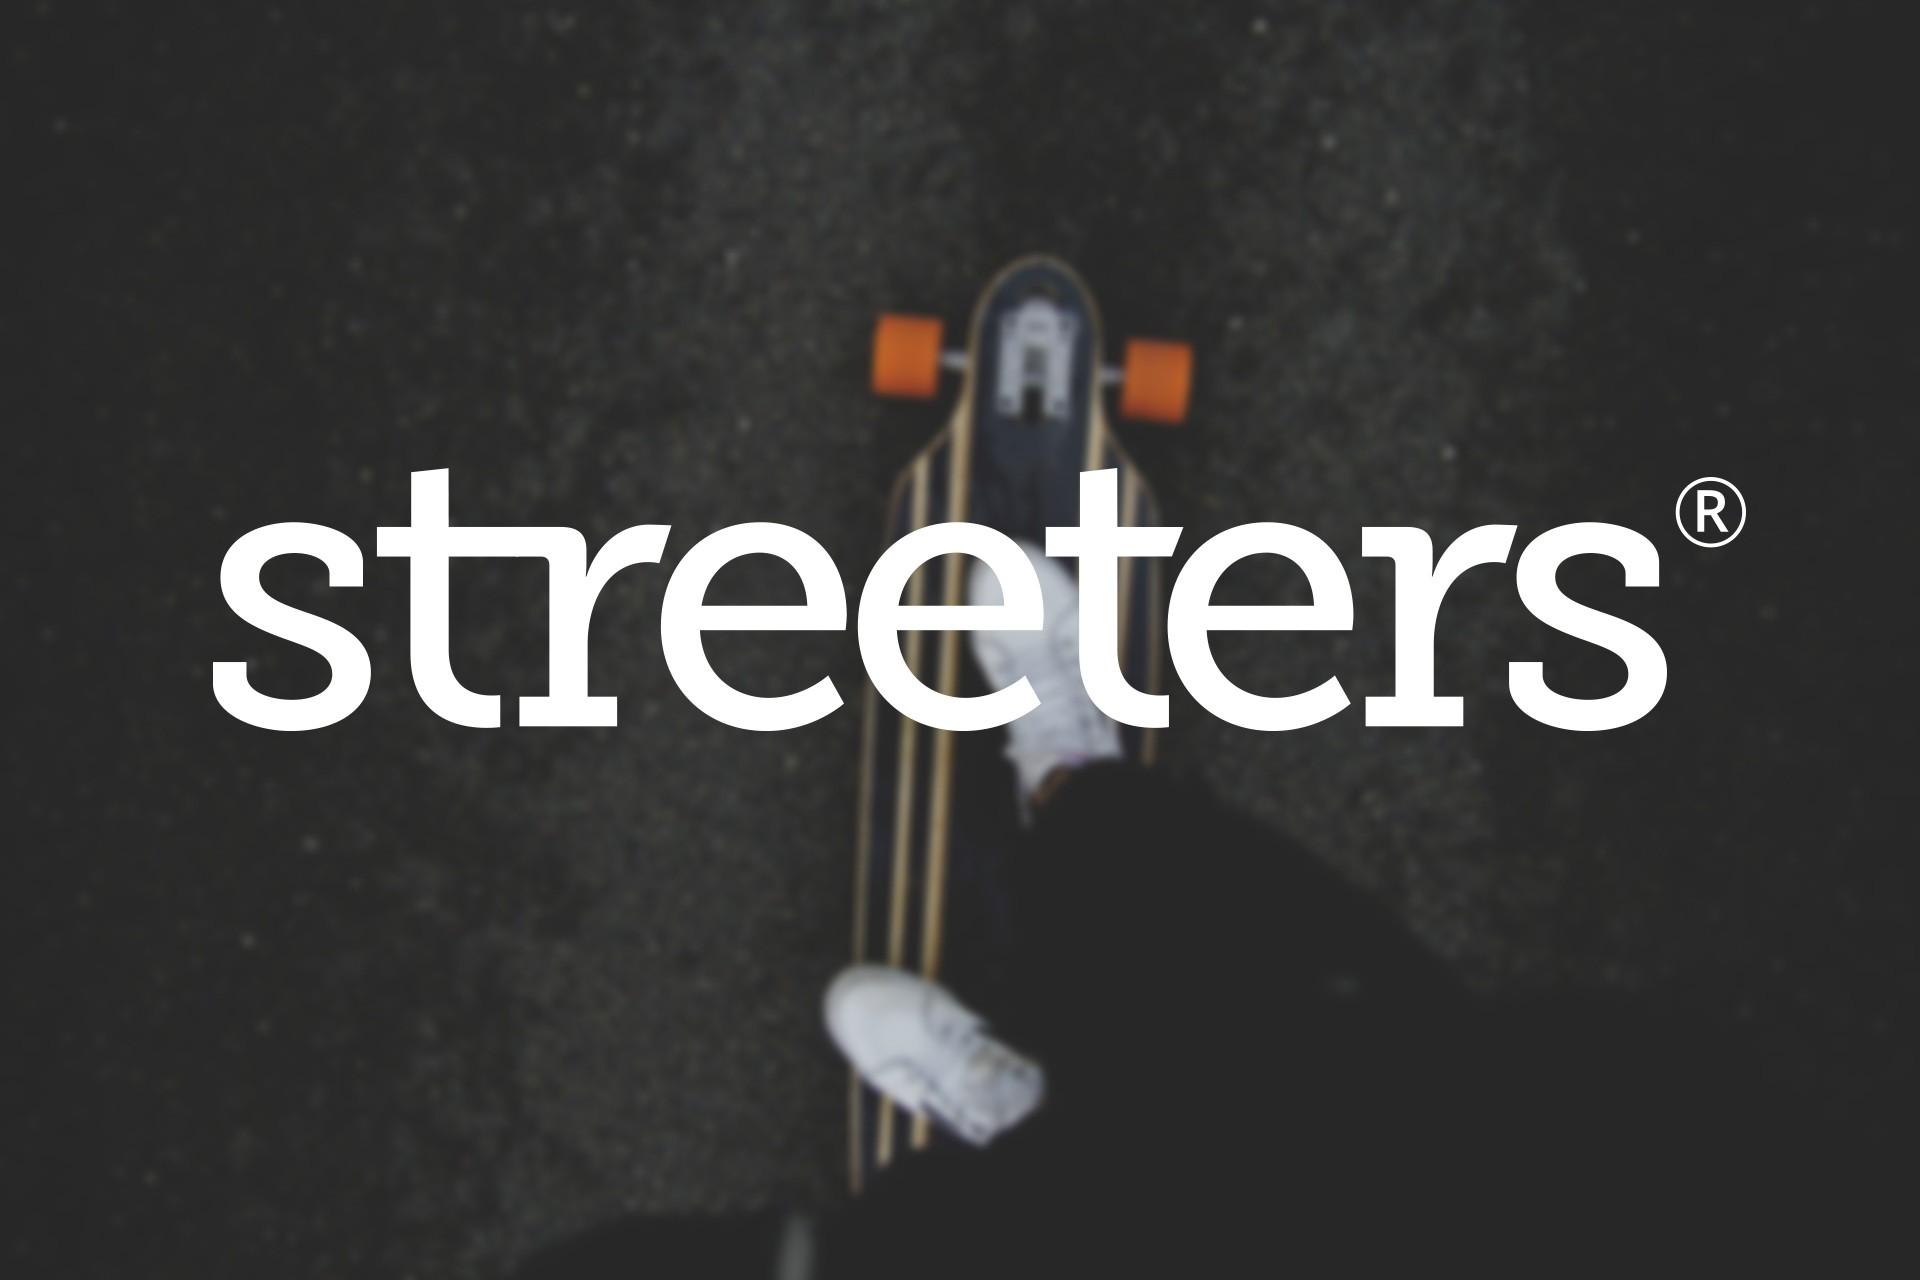 veraKoh. Streeters